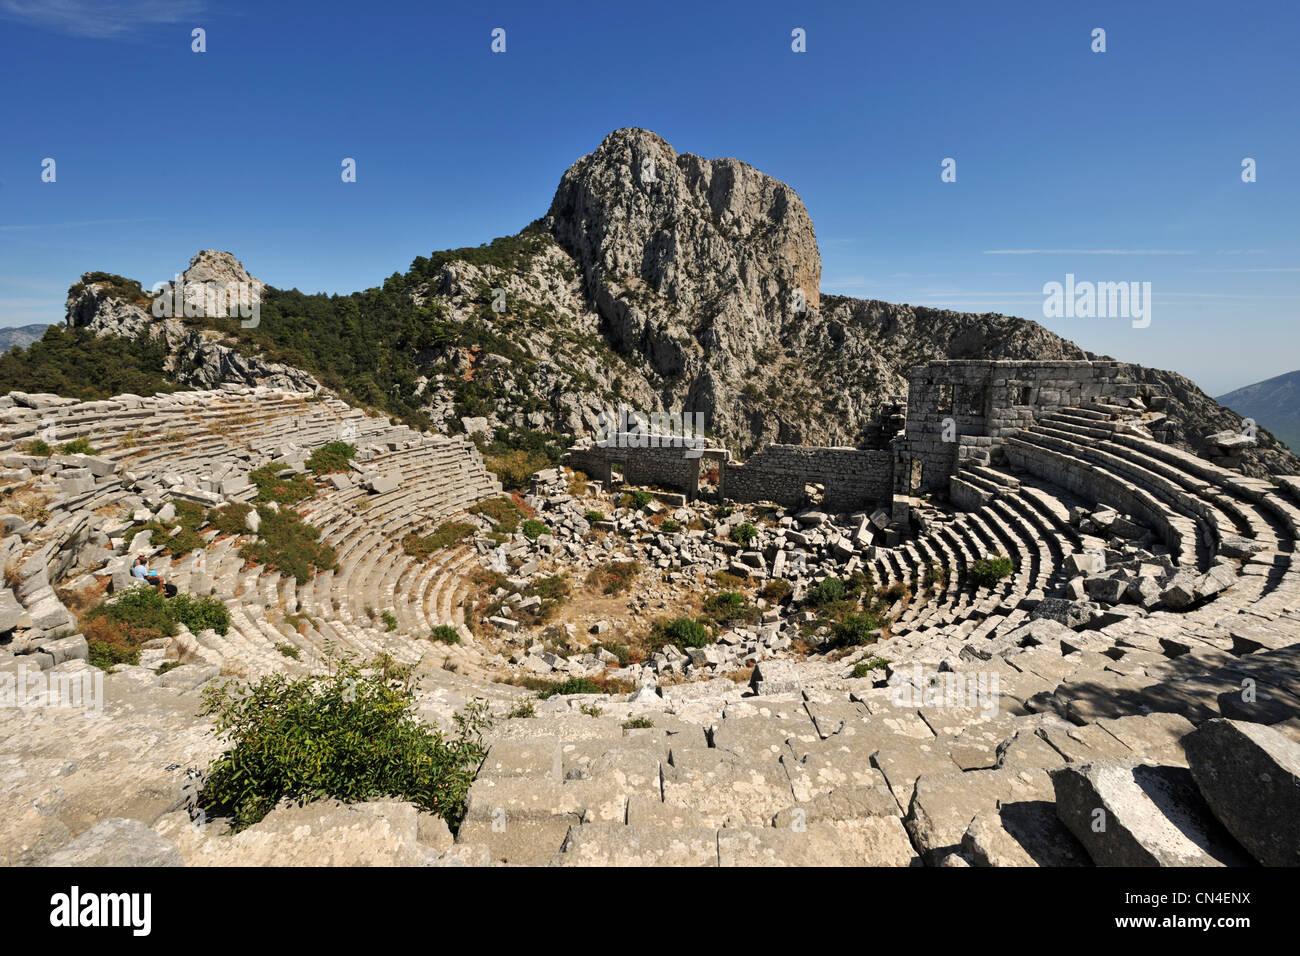 Turchia, Regione Mediterranea, Costa turchese, della Panfilia, Termessos sito, il teatro Immagini Stock